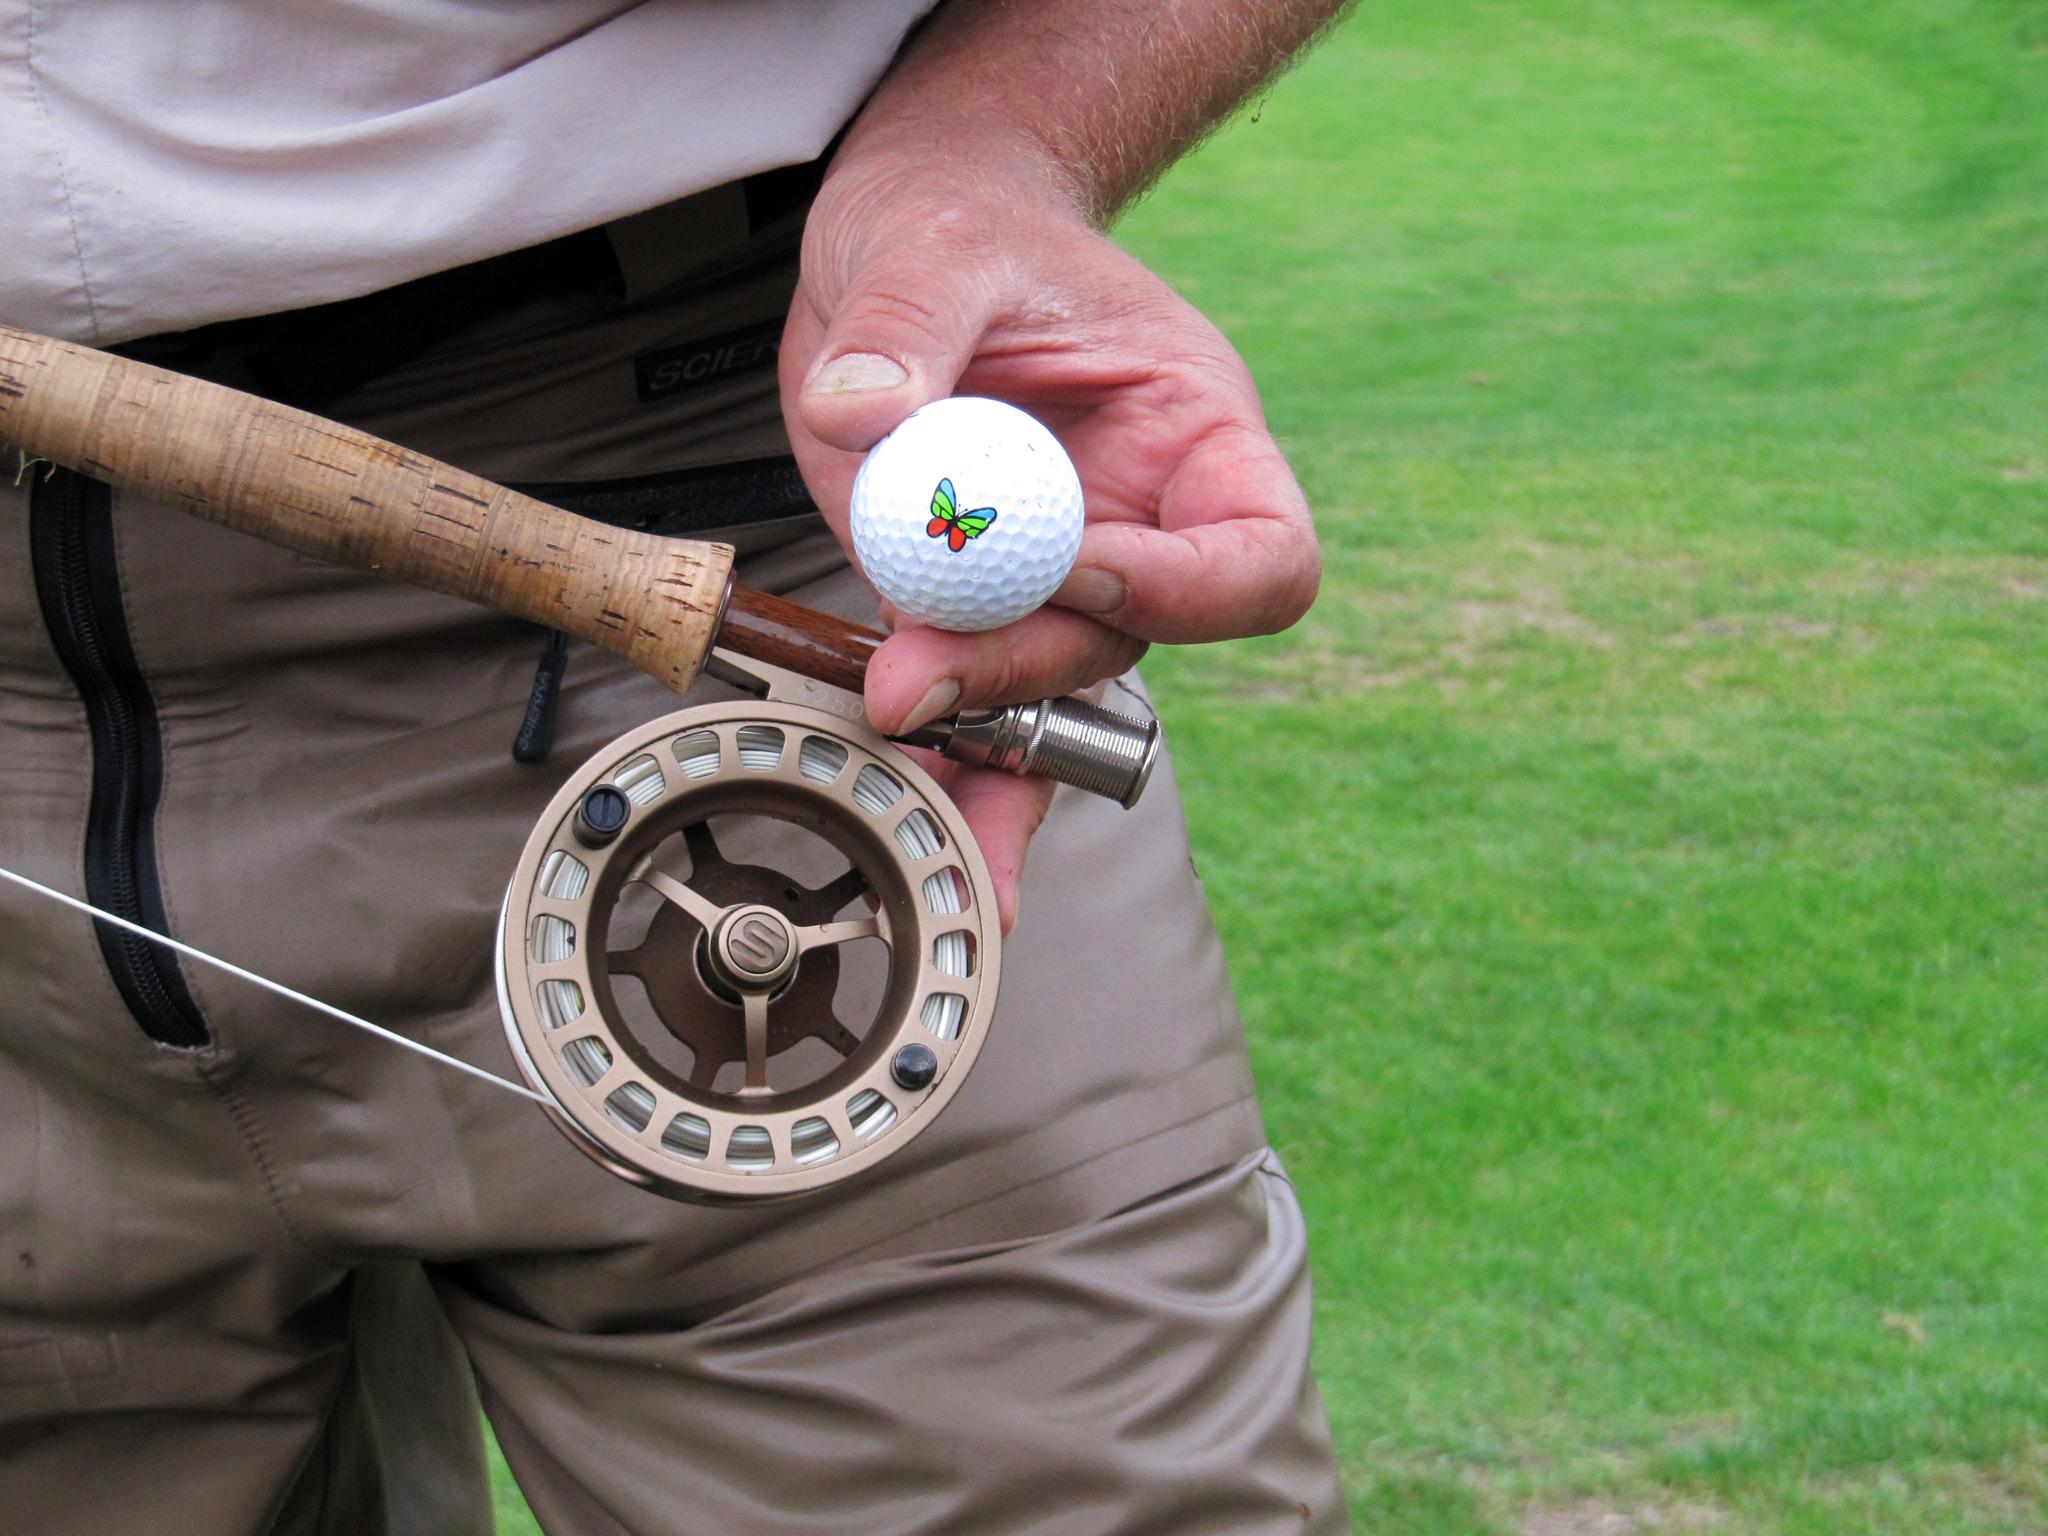 den passenden Ball dabei frisch aus dem Neckar gefischt